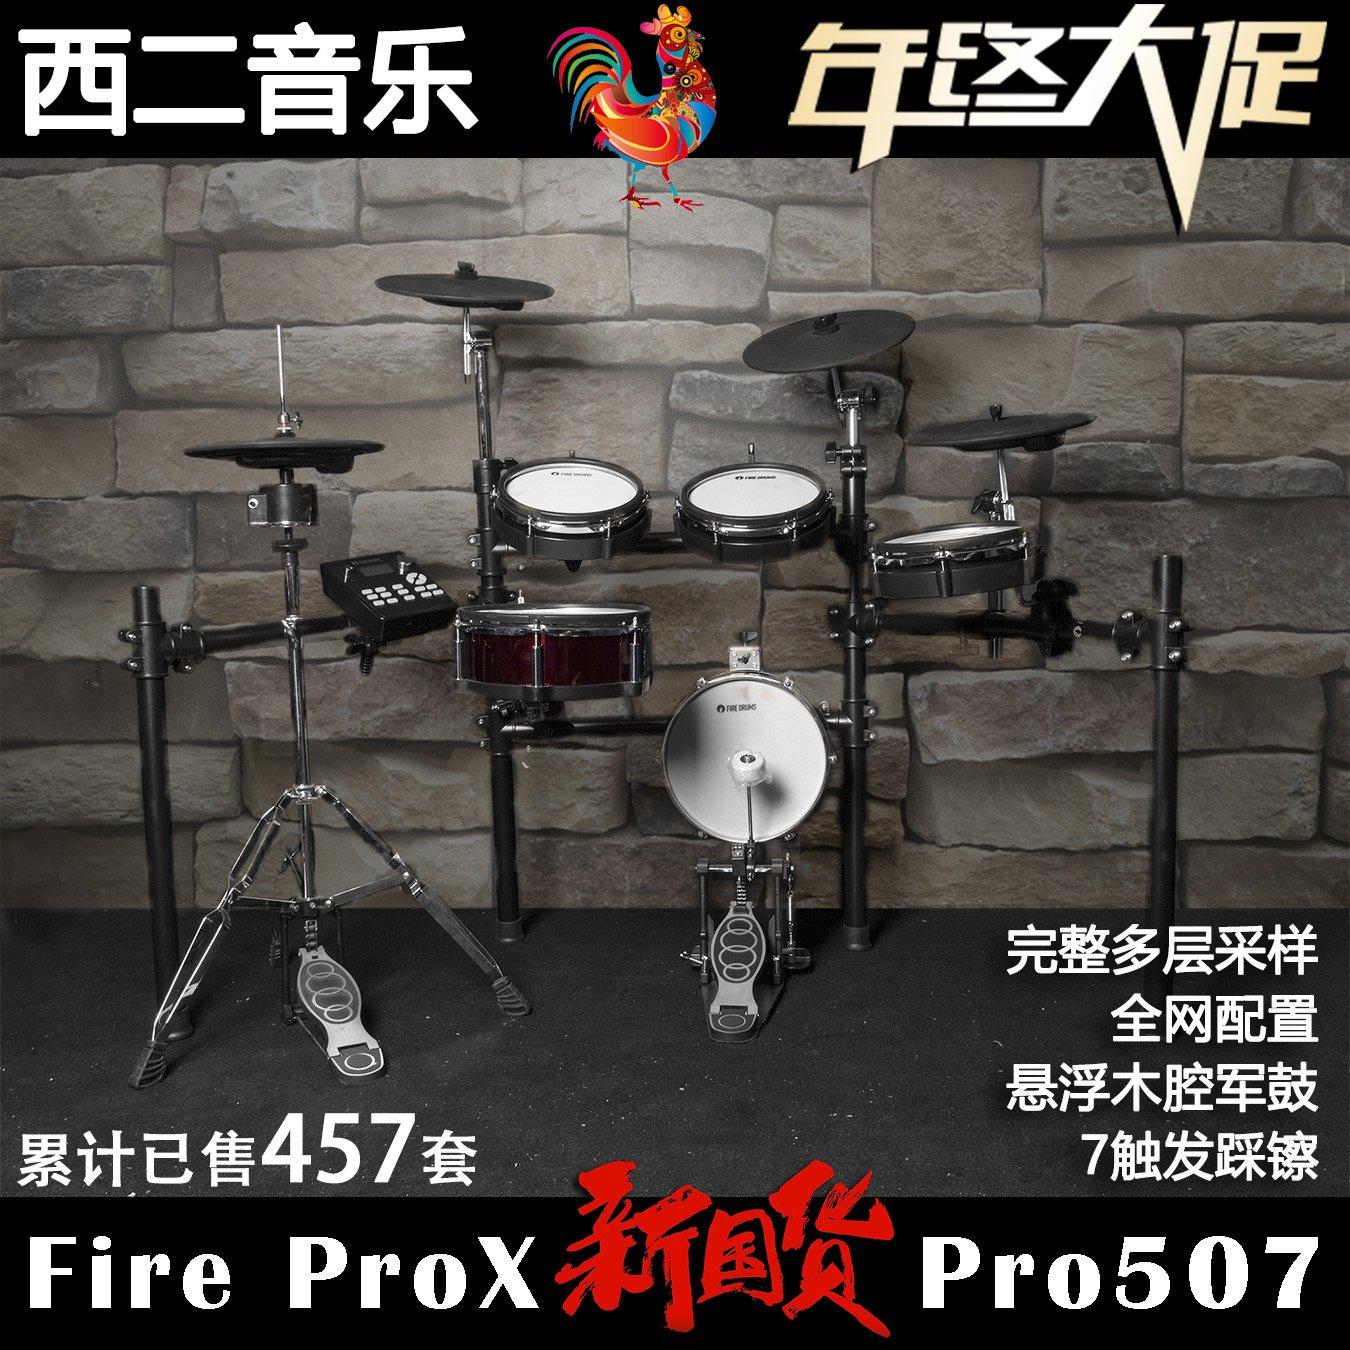 【 западный два sf-экспресс 】ОГОНЬ пламя пожар Pro X электричество барабан PRO507 электронный барабан электричество полка барабан сэр барабан